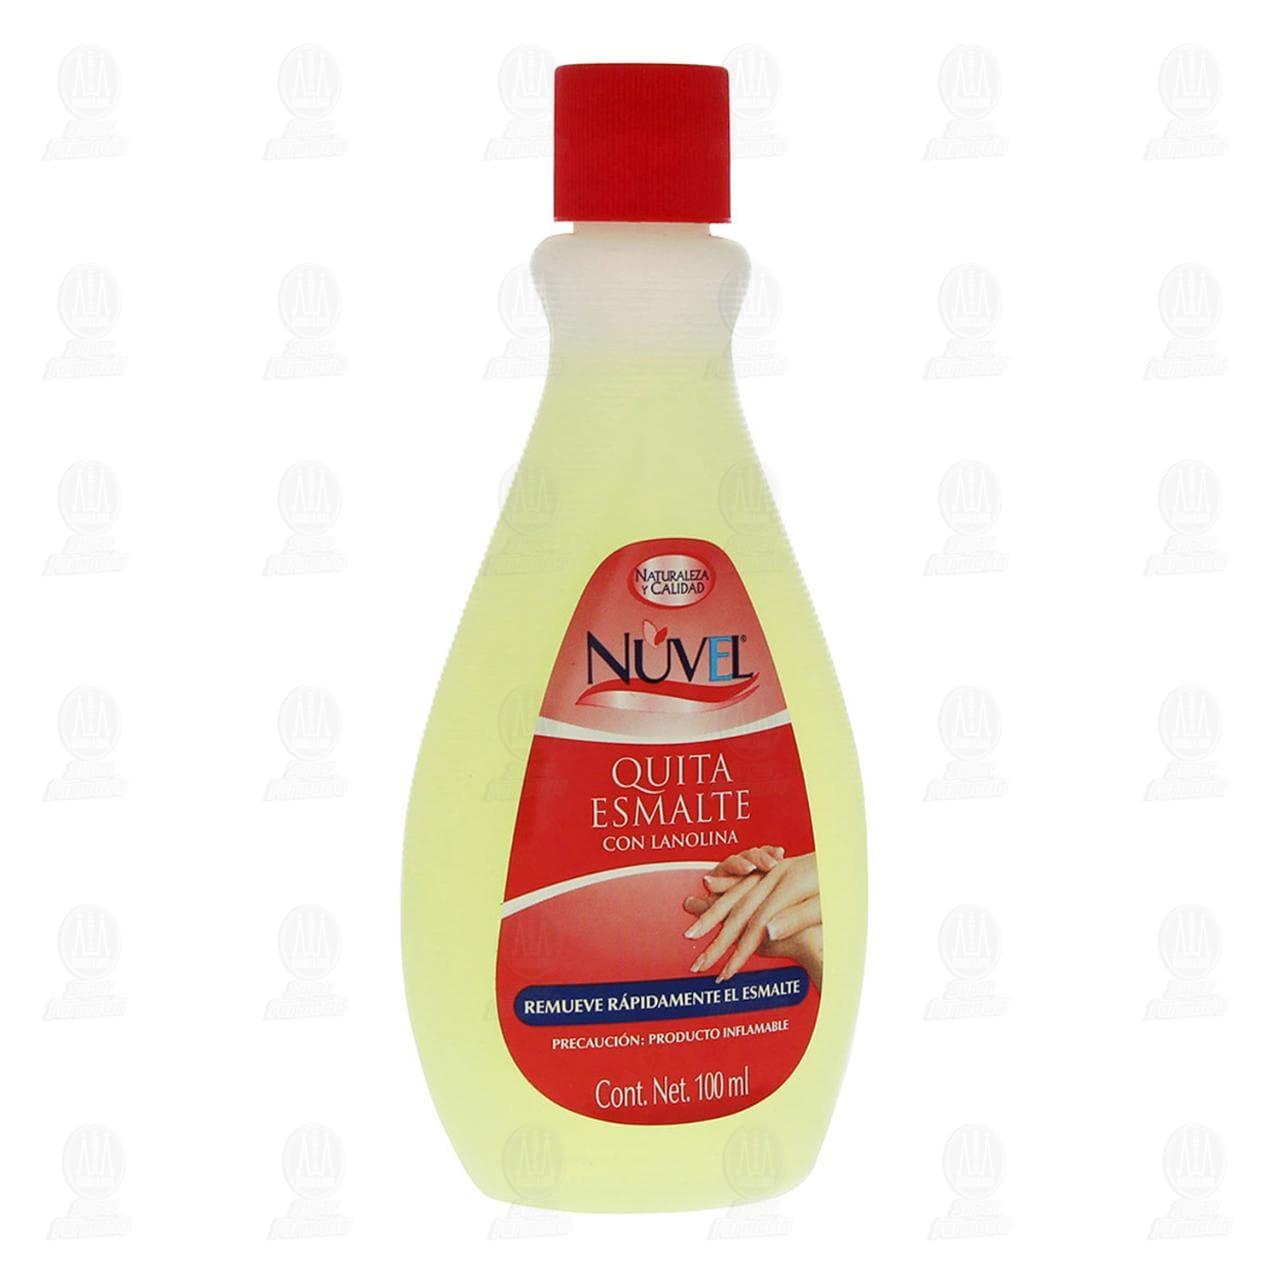 Quitaesmalte Nuvel con Lanolina, 100 ml.